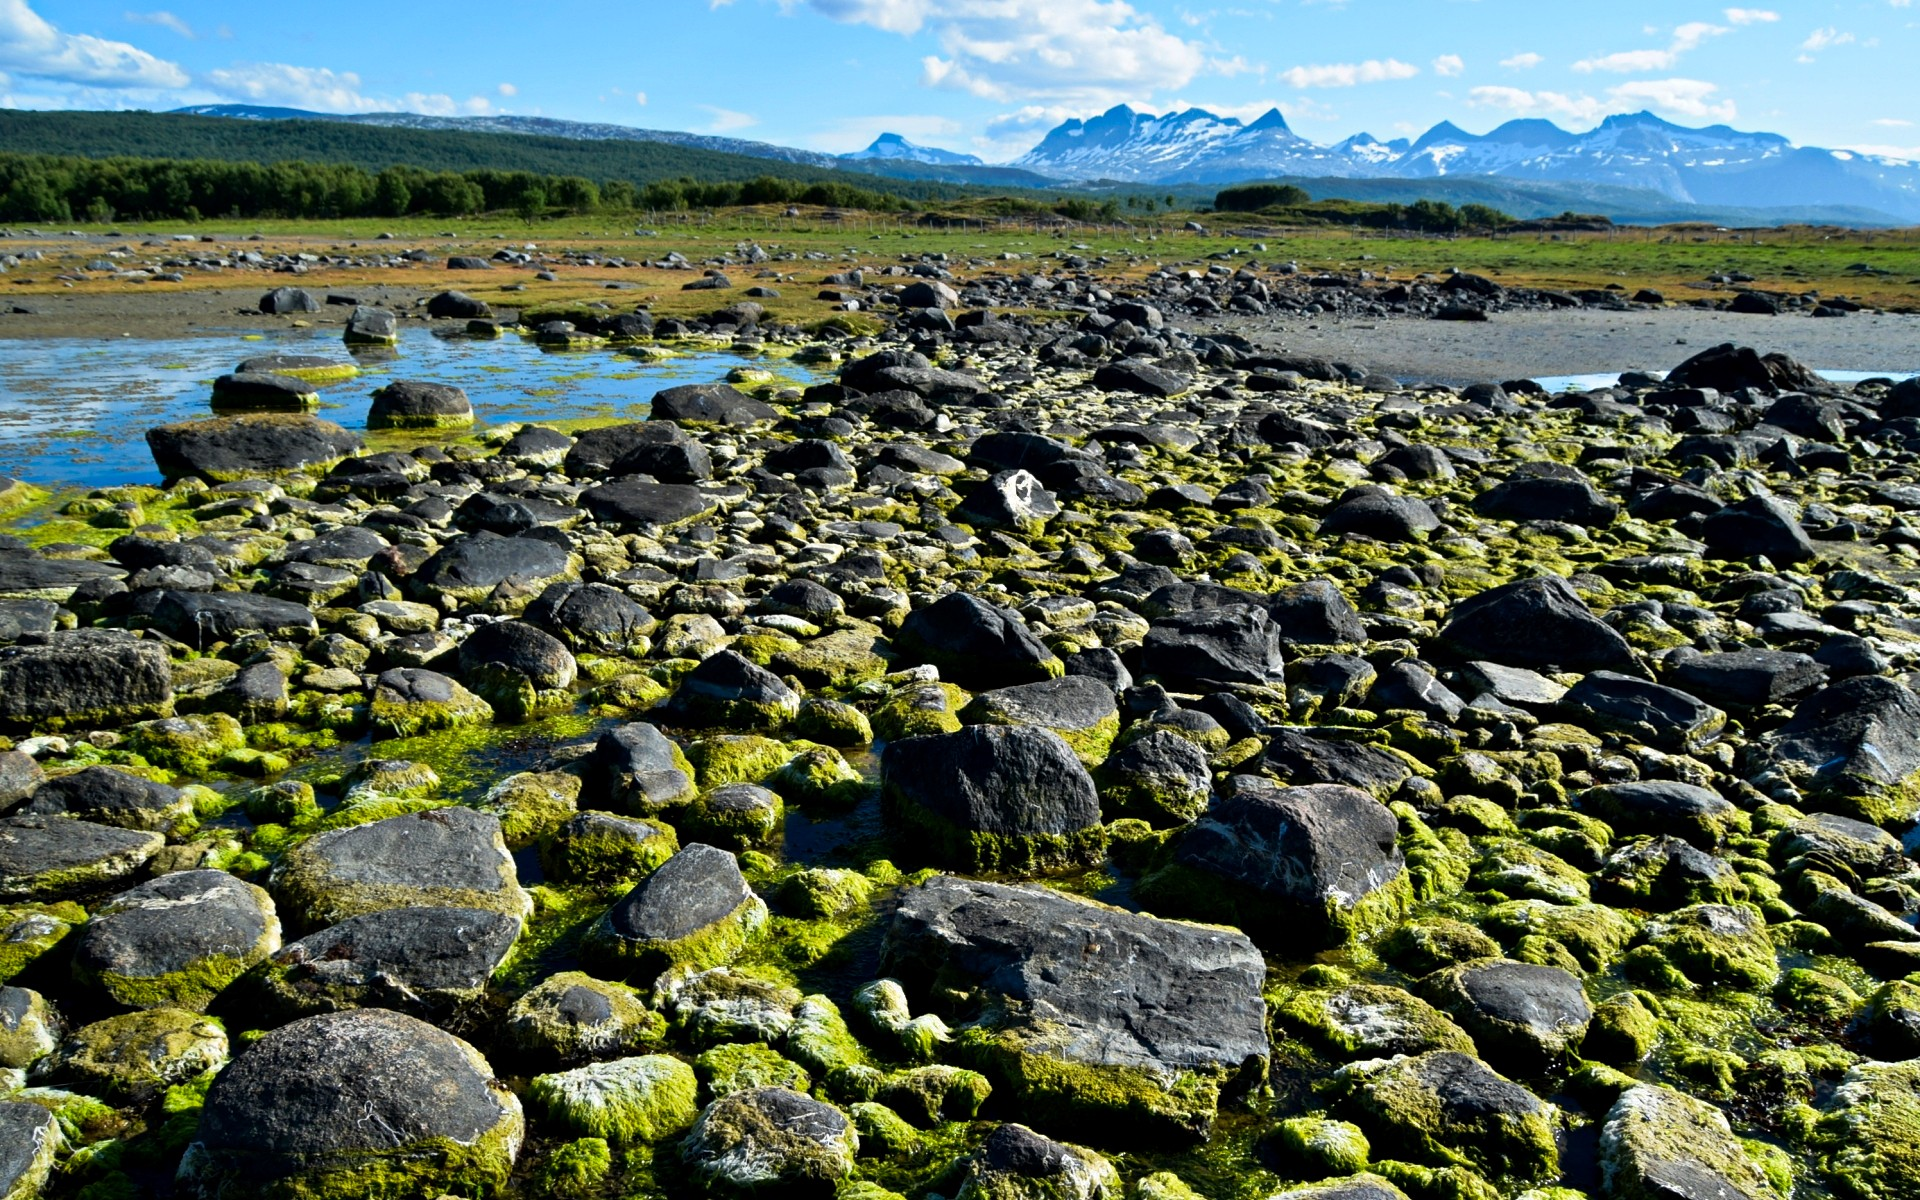 Tverlandet natur reservat i Bodø